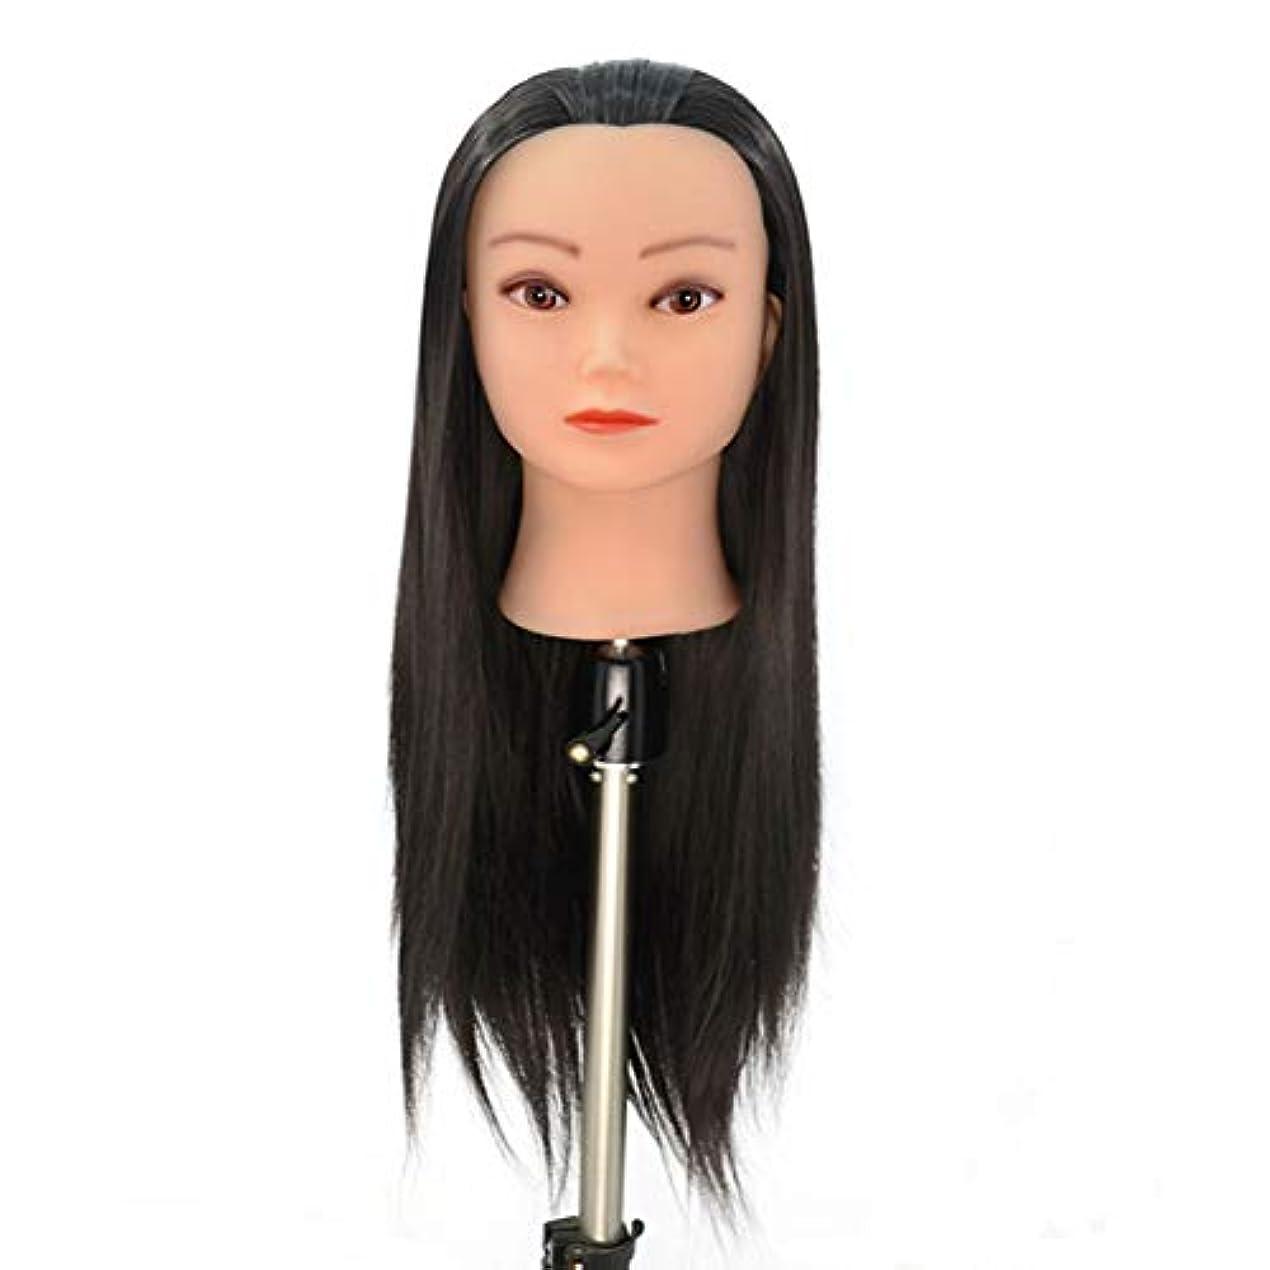 は、花嫁の髪編組ひも学習ヘッドモデル理髪モデルヘッド理髪サロン散髪ダミー練習ヘッド